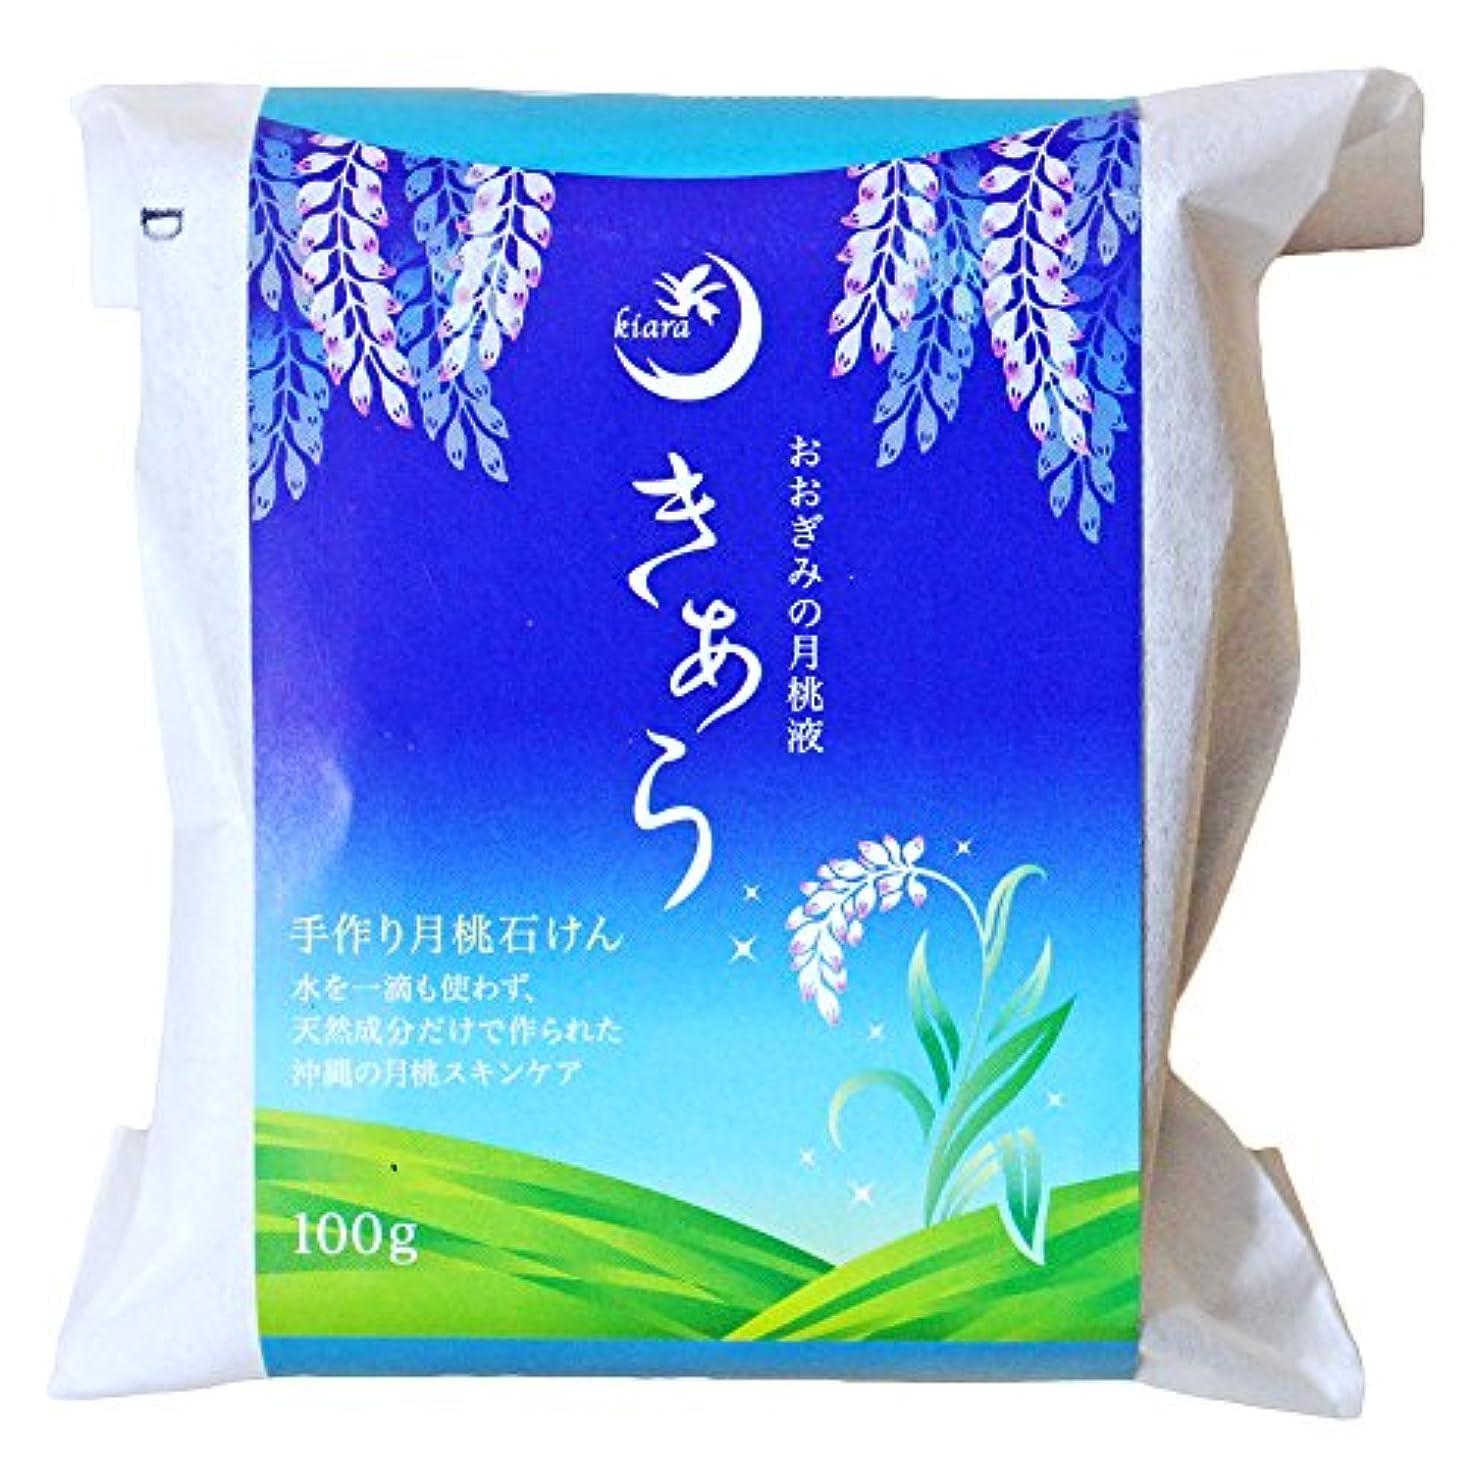 最初霜葉を集めるきあら手作り石鹸 100g×5個